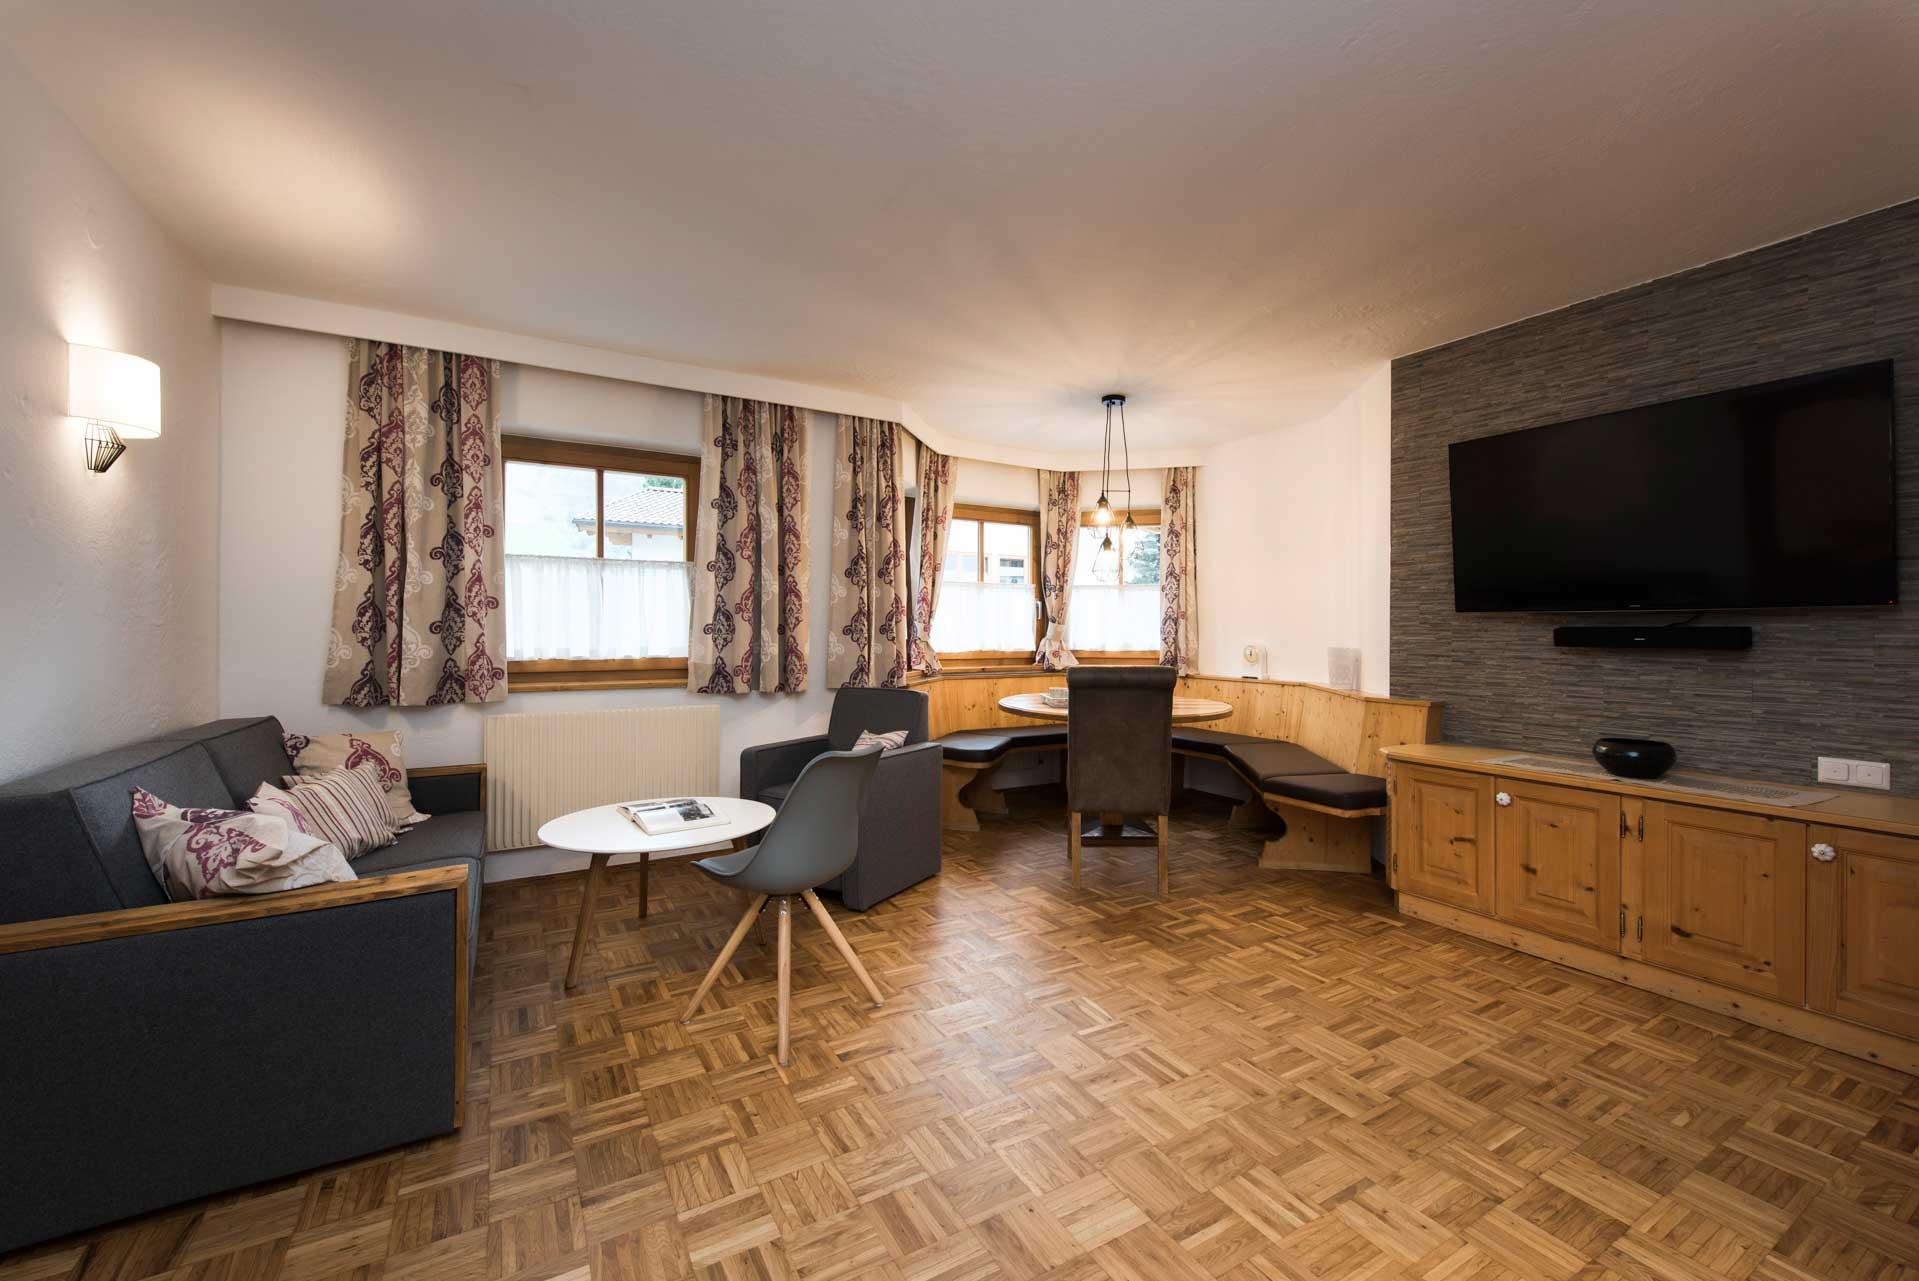 Ferienwohnung Siebenschläfer in Neustift im Stubaital - Wohnbereich mit TV & SAT